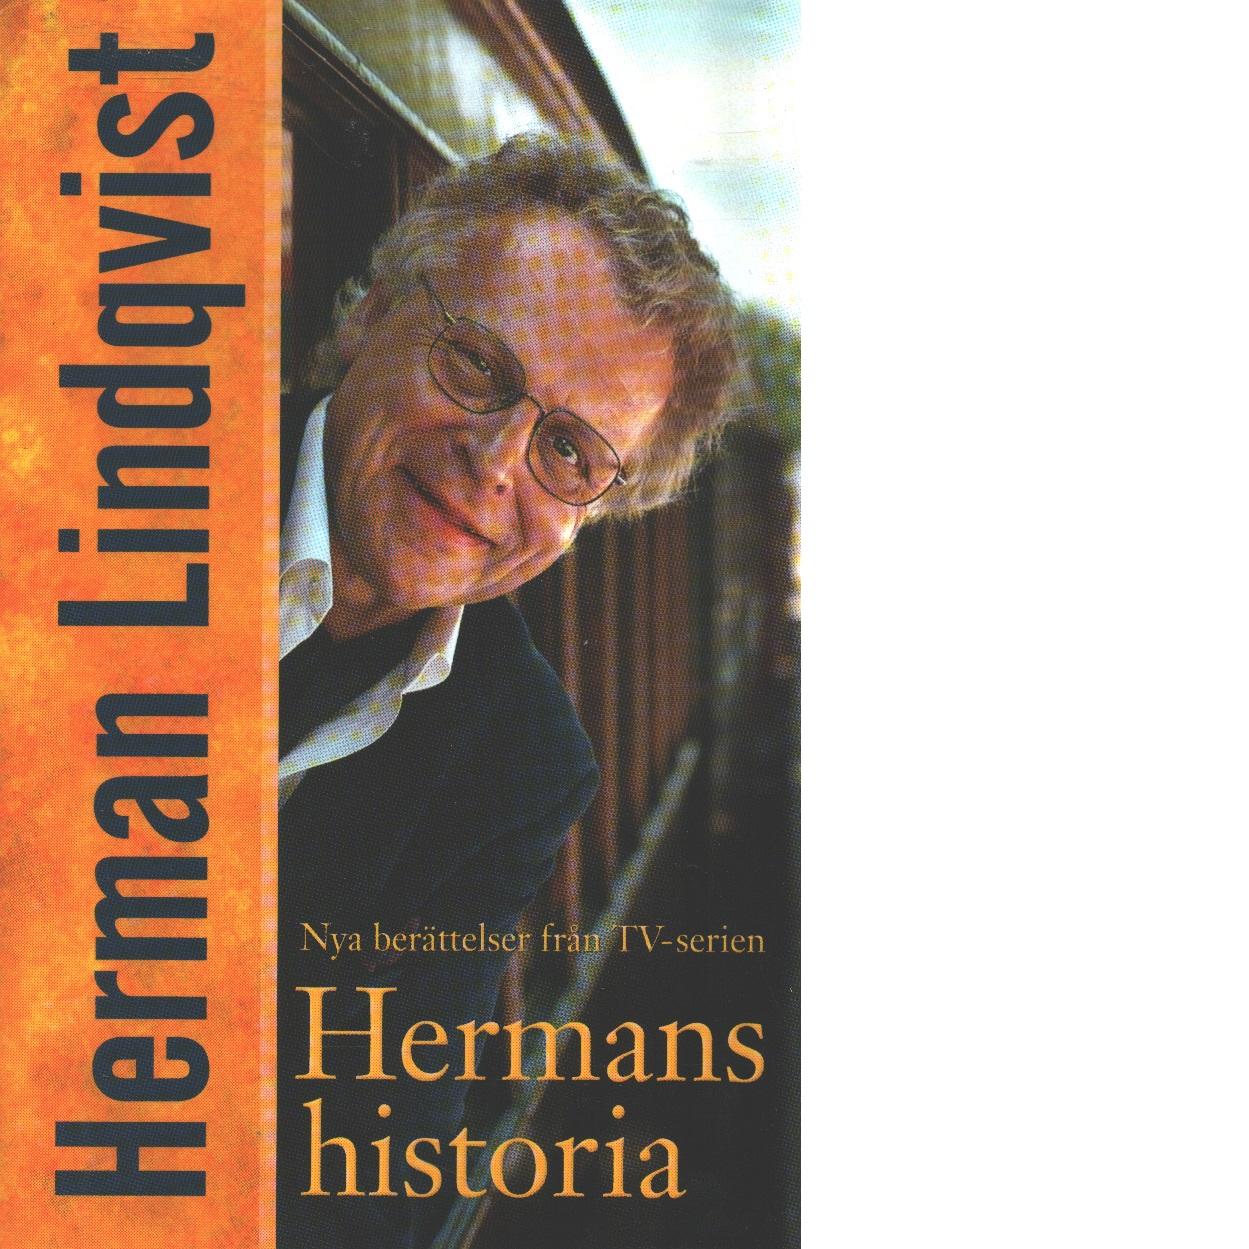 Nya berättelser från TV-serien Hermans historia - Lindqvist, Herman,